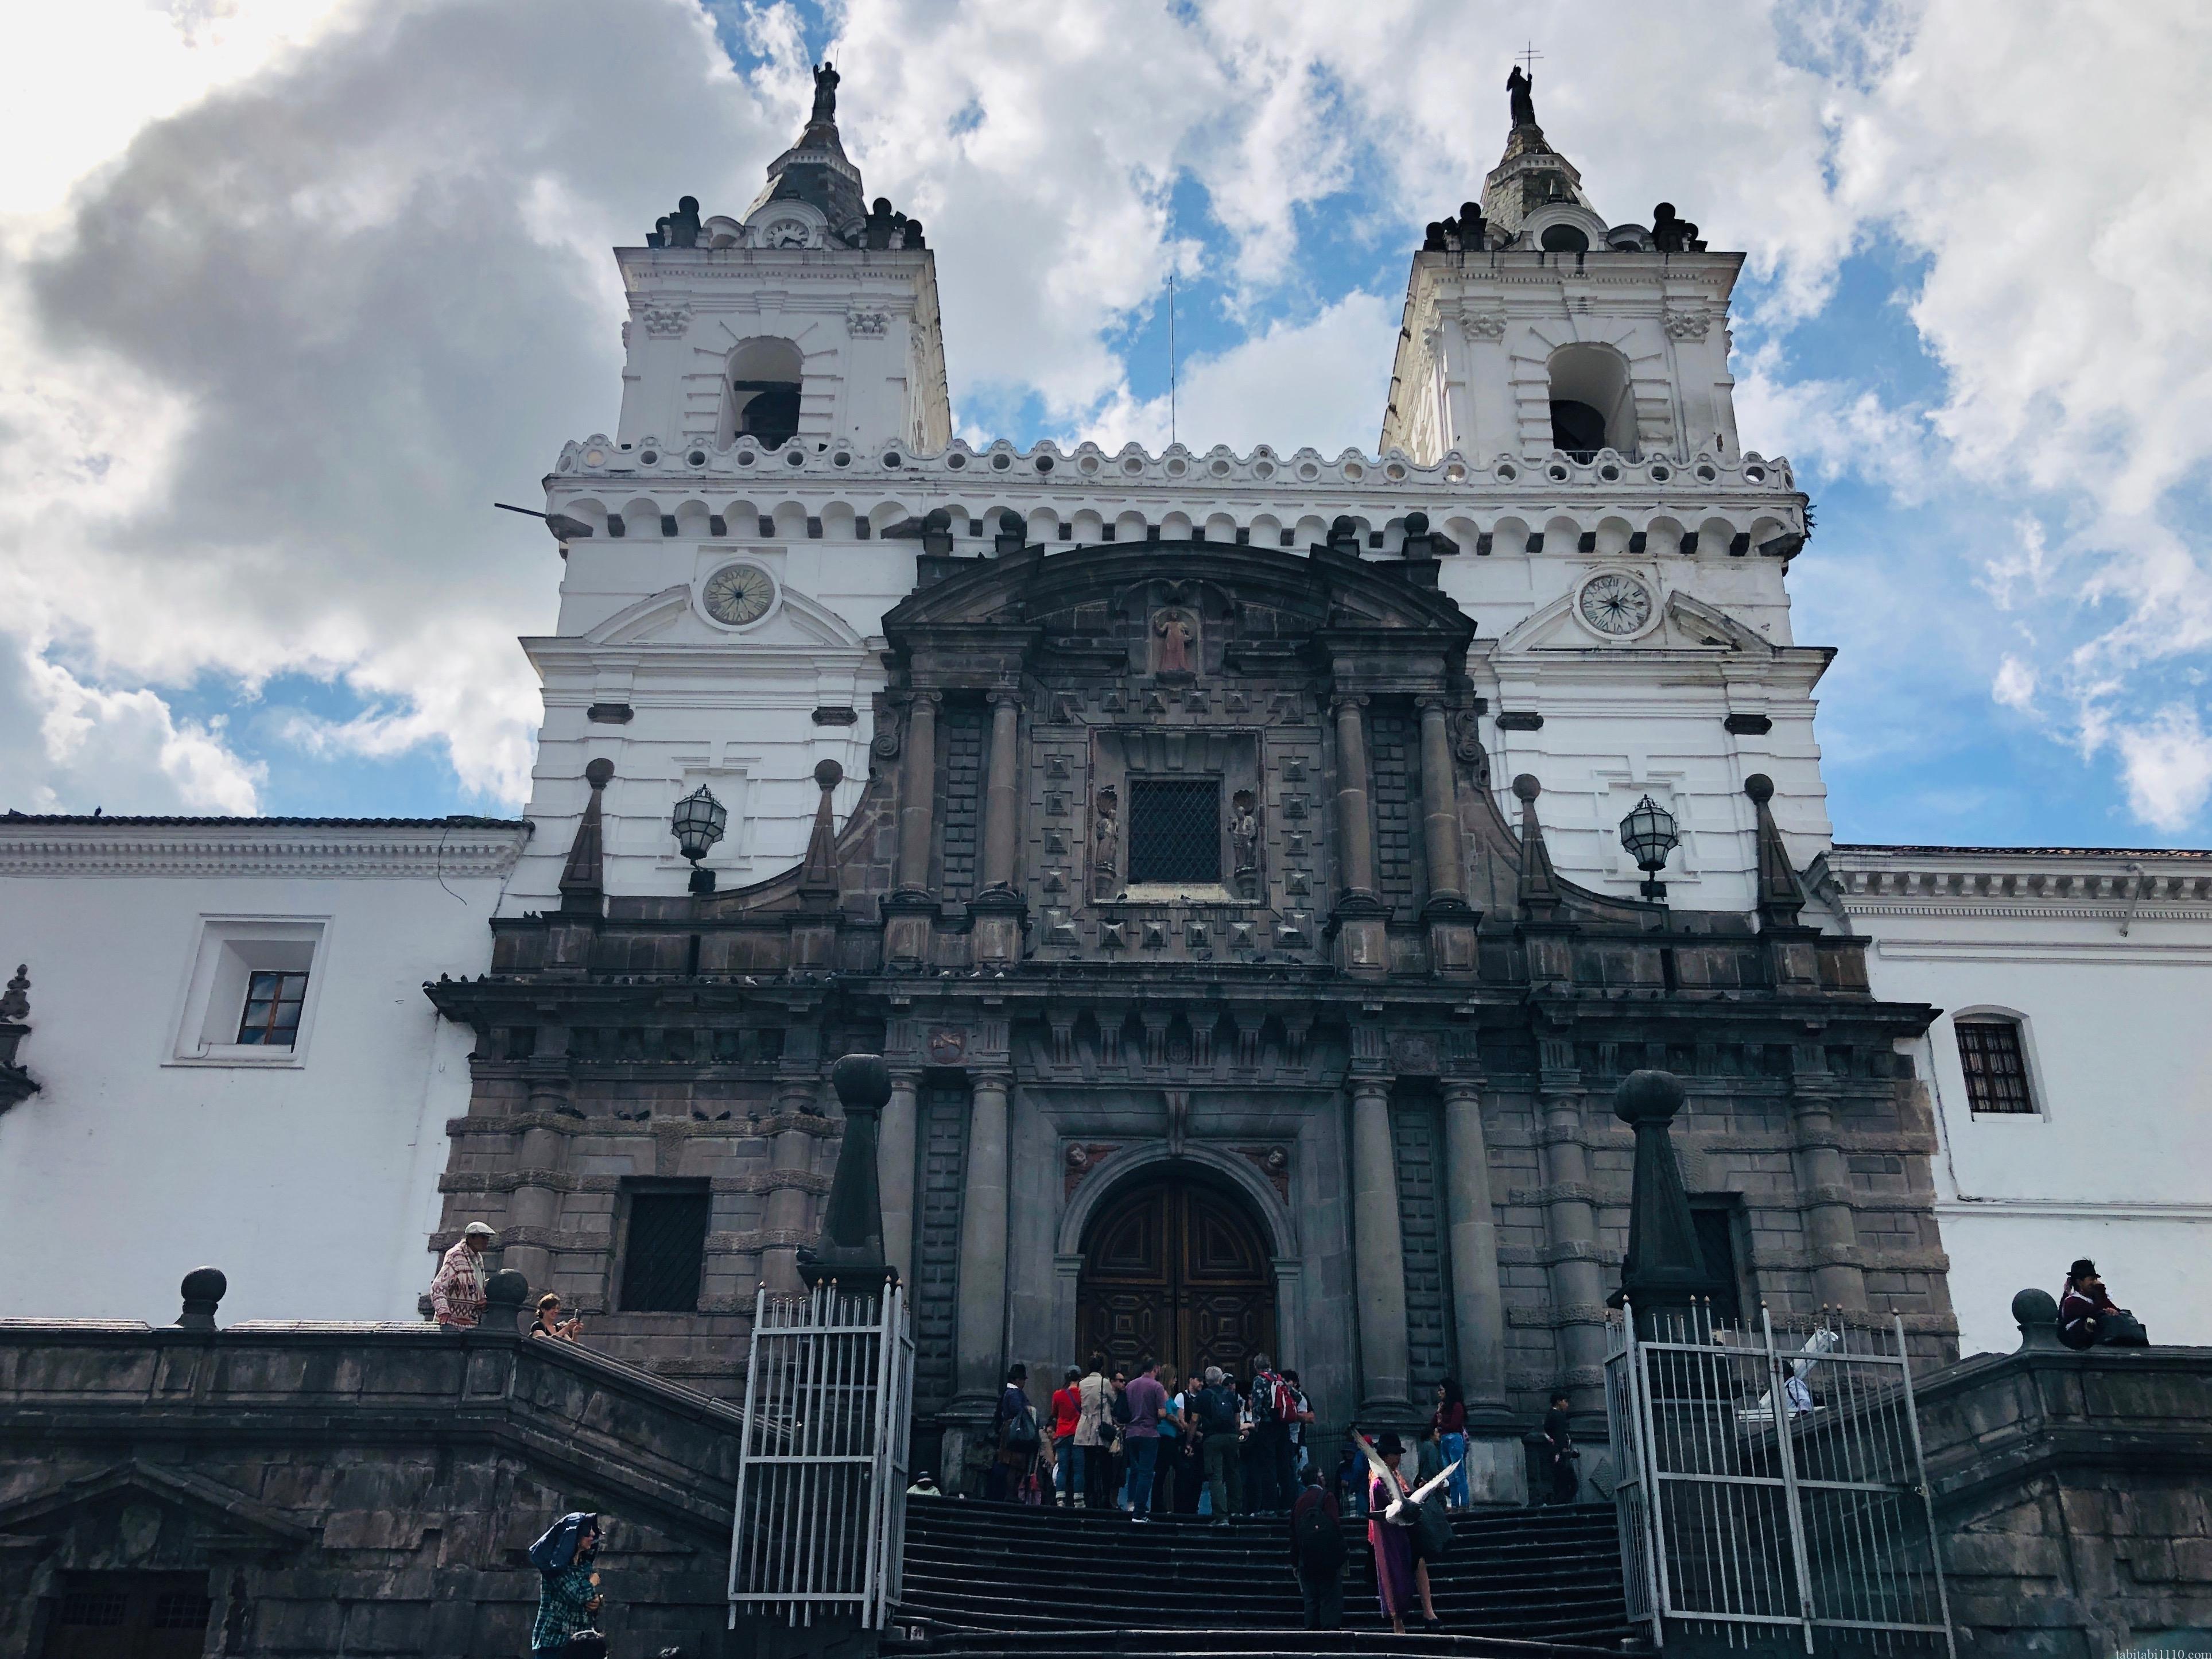 キト 旧市街 サン・フランシスコ教会・修道院